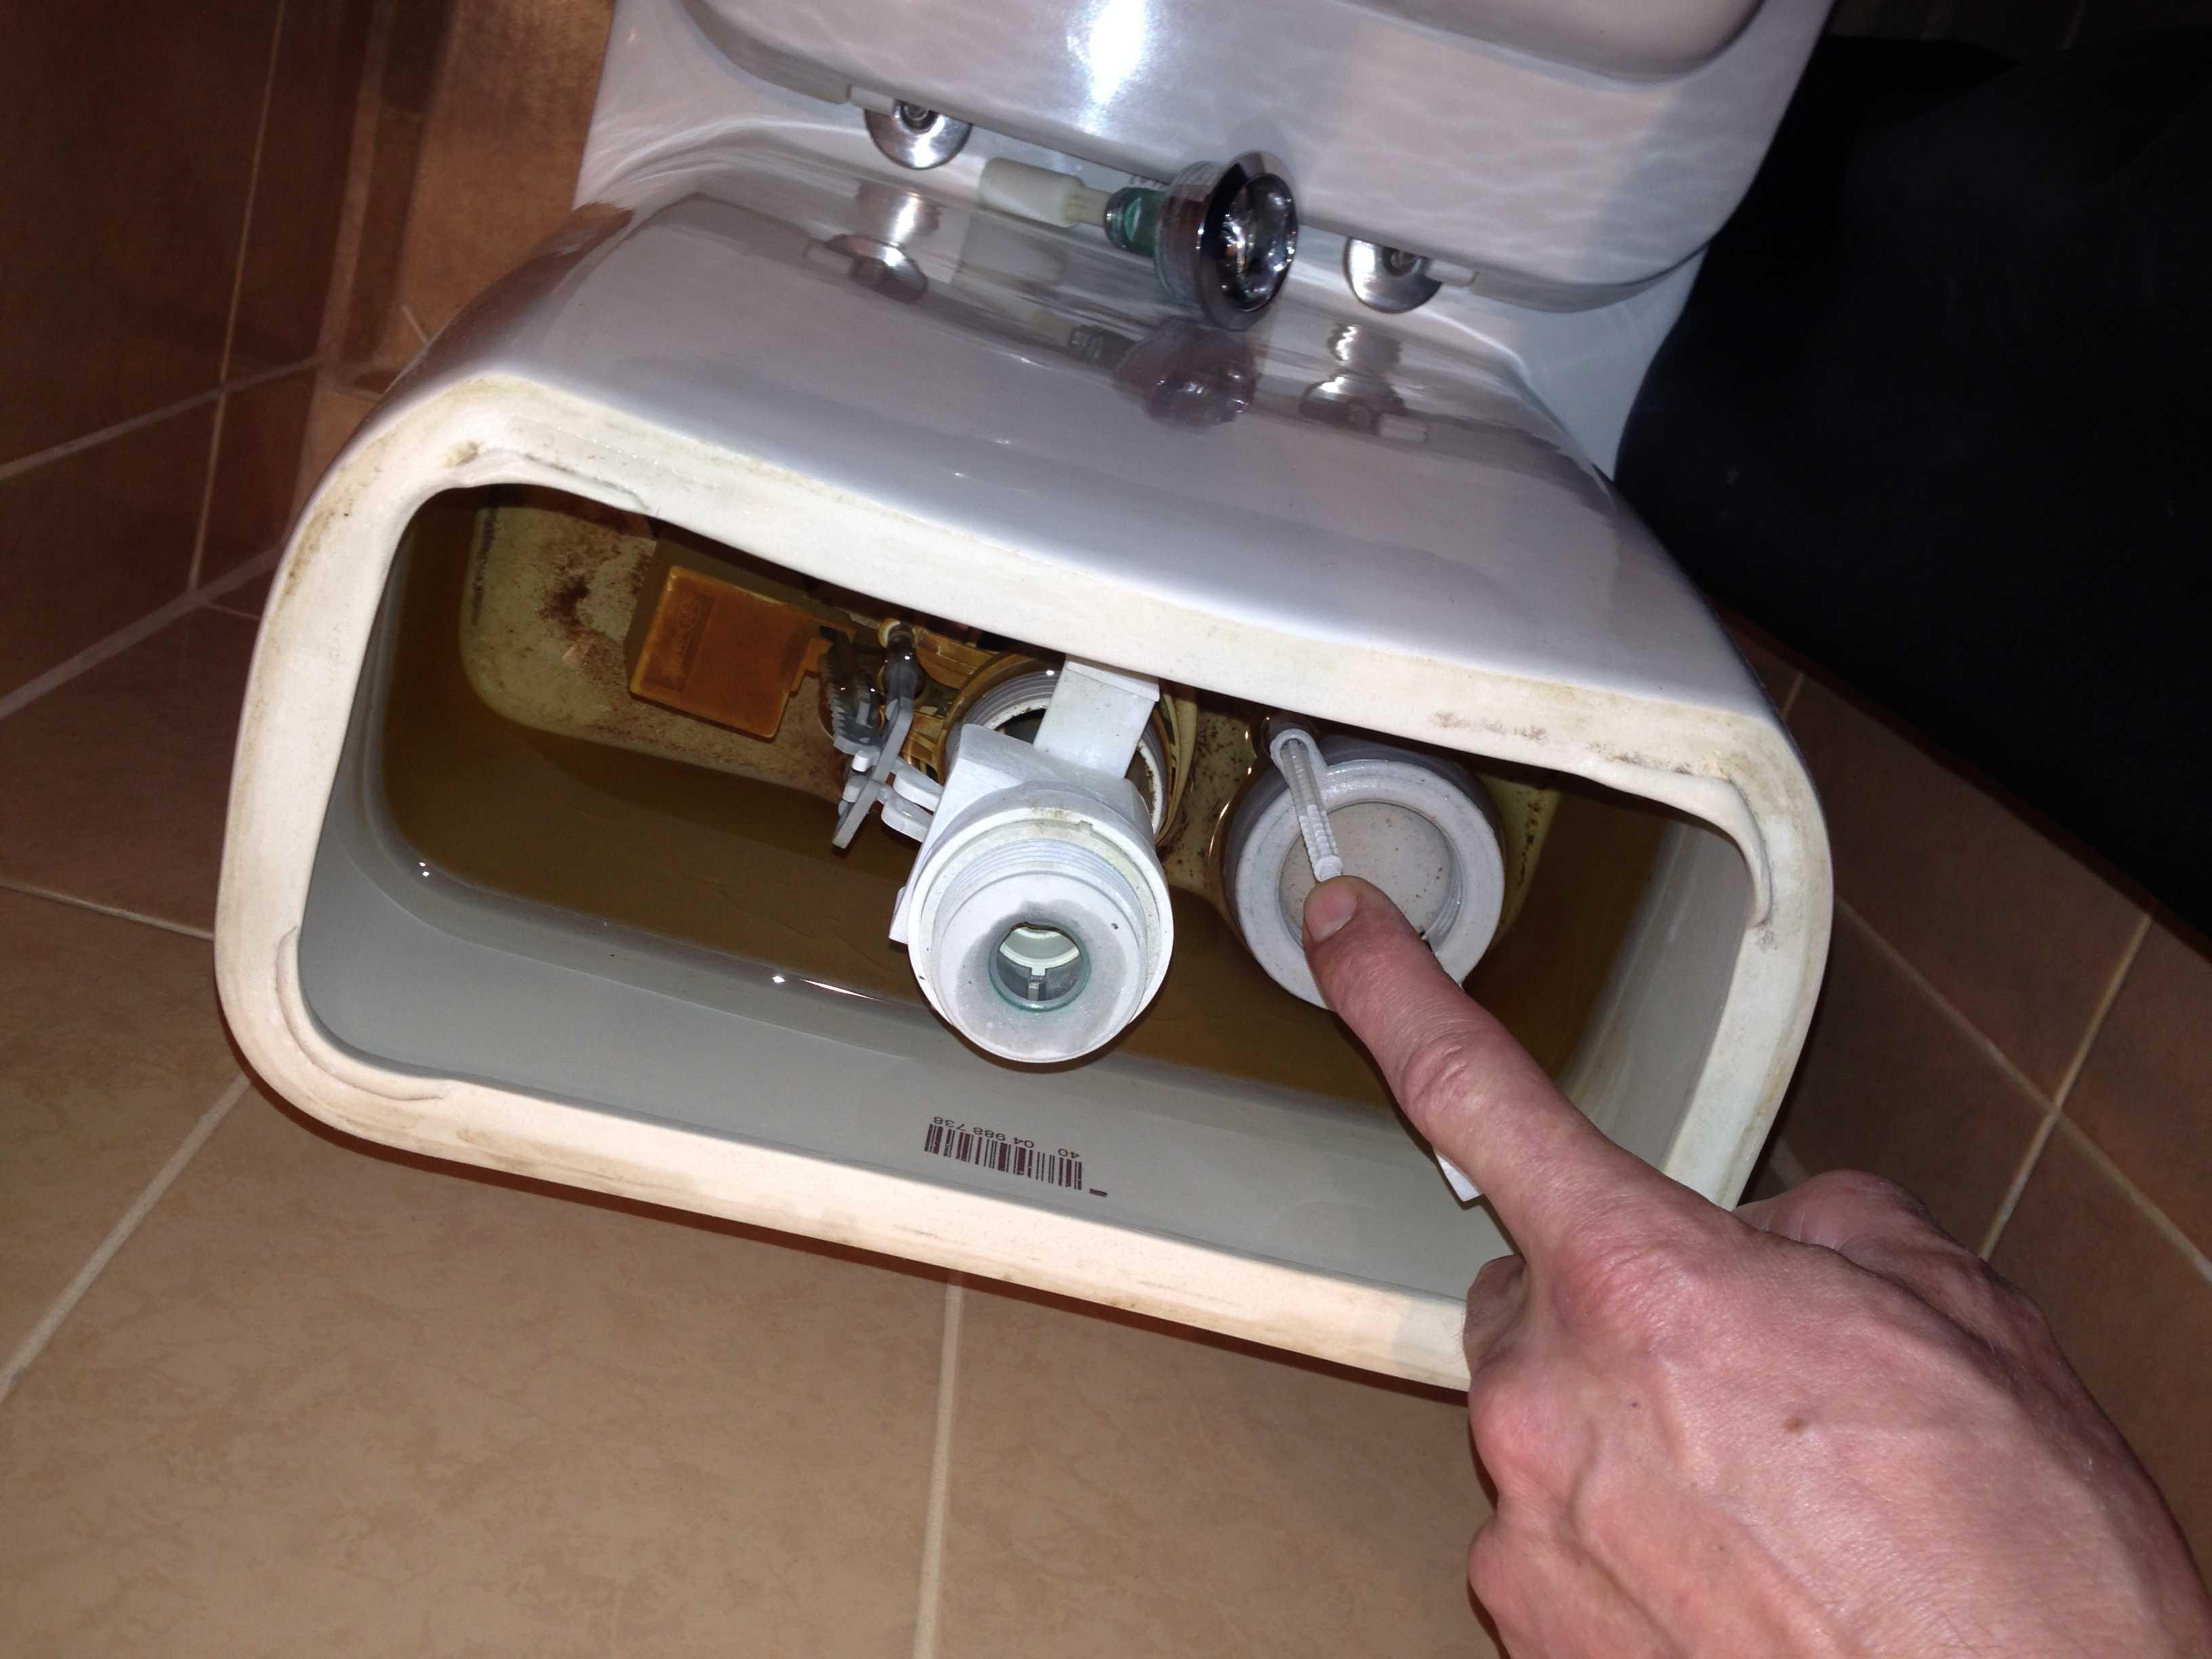 В бачке унитаза перелив воды: почему постоянно набирается вода, переполняется и переливается чаша унитаза, что делать